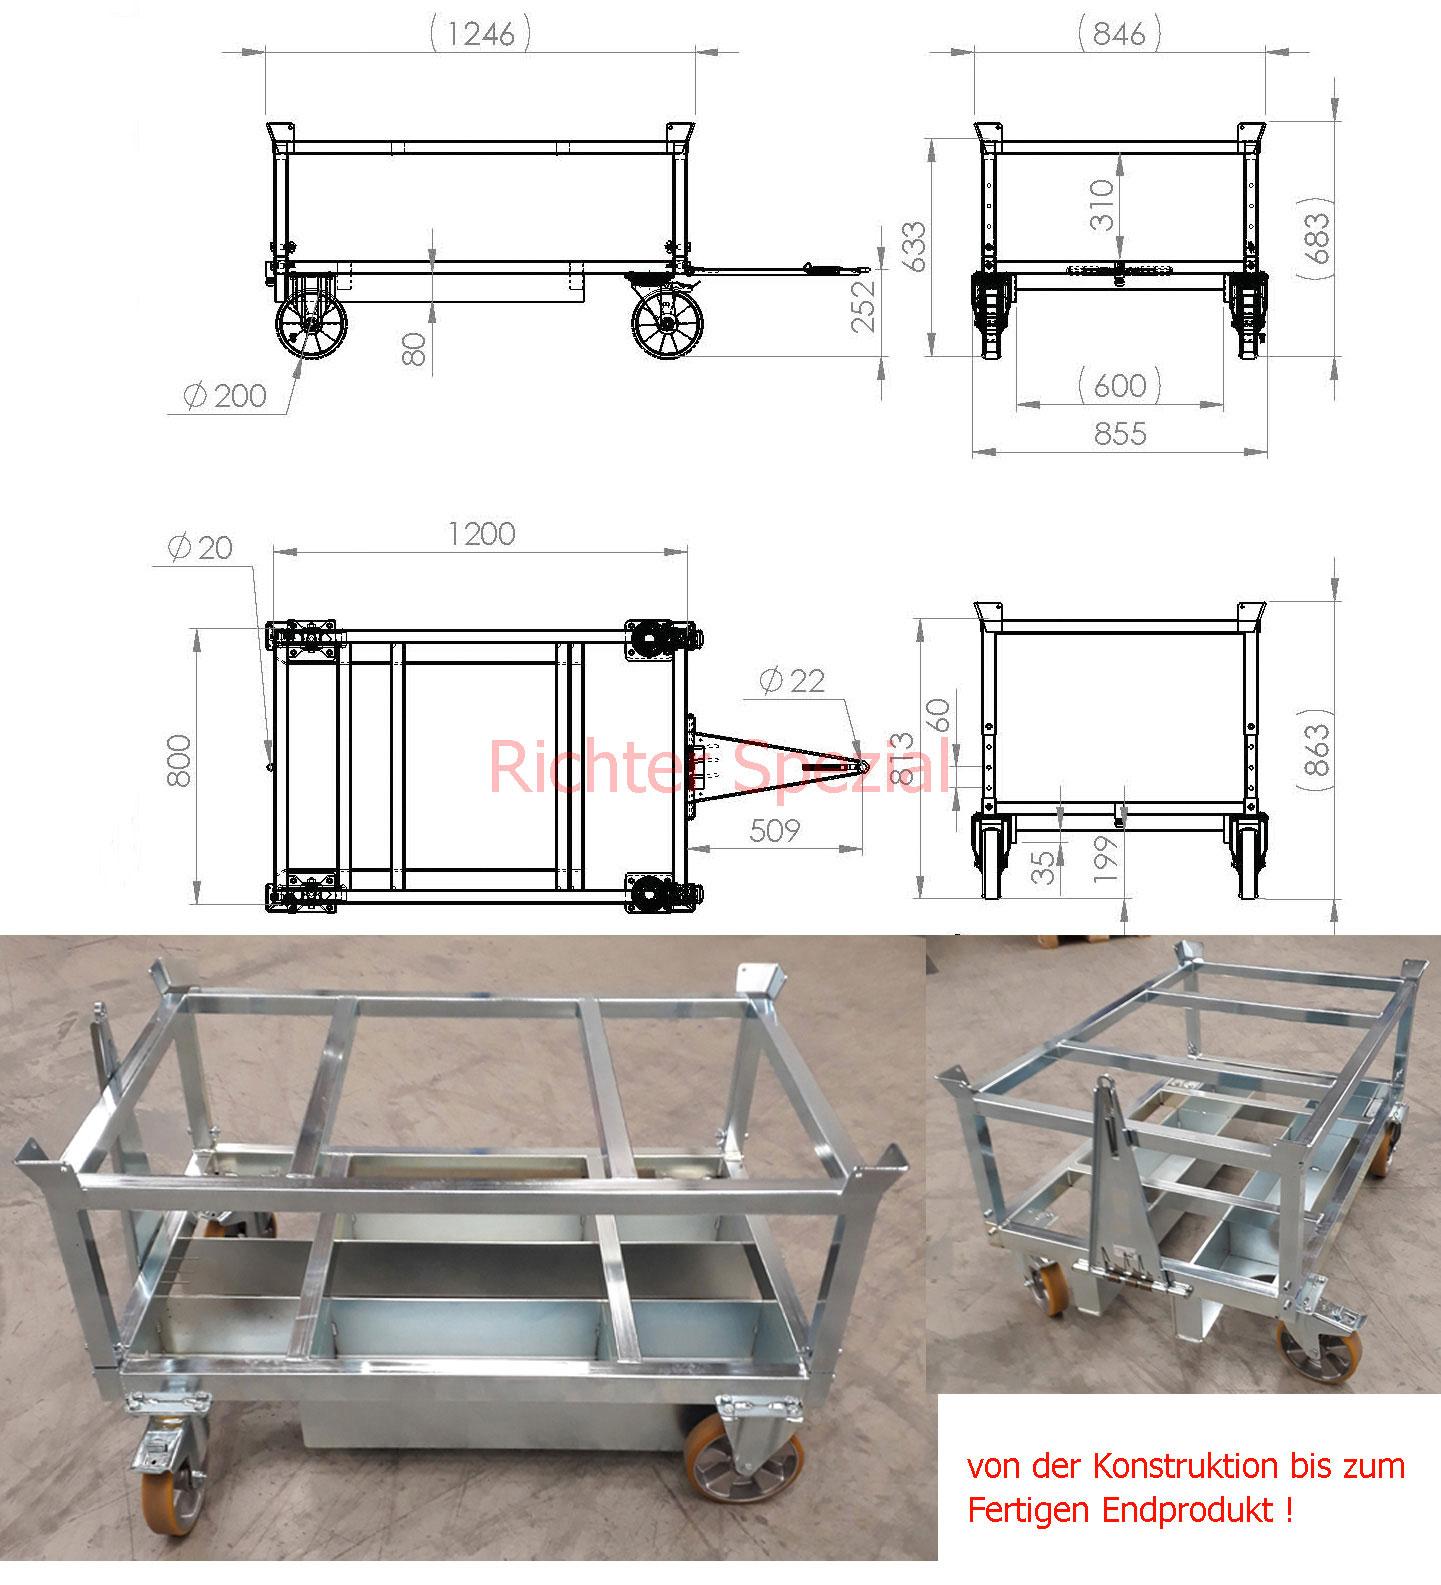 Palettentrolley mit Staplertaschen, Polyurethan-Räder, Deichsel/Kupplung, verzinkt